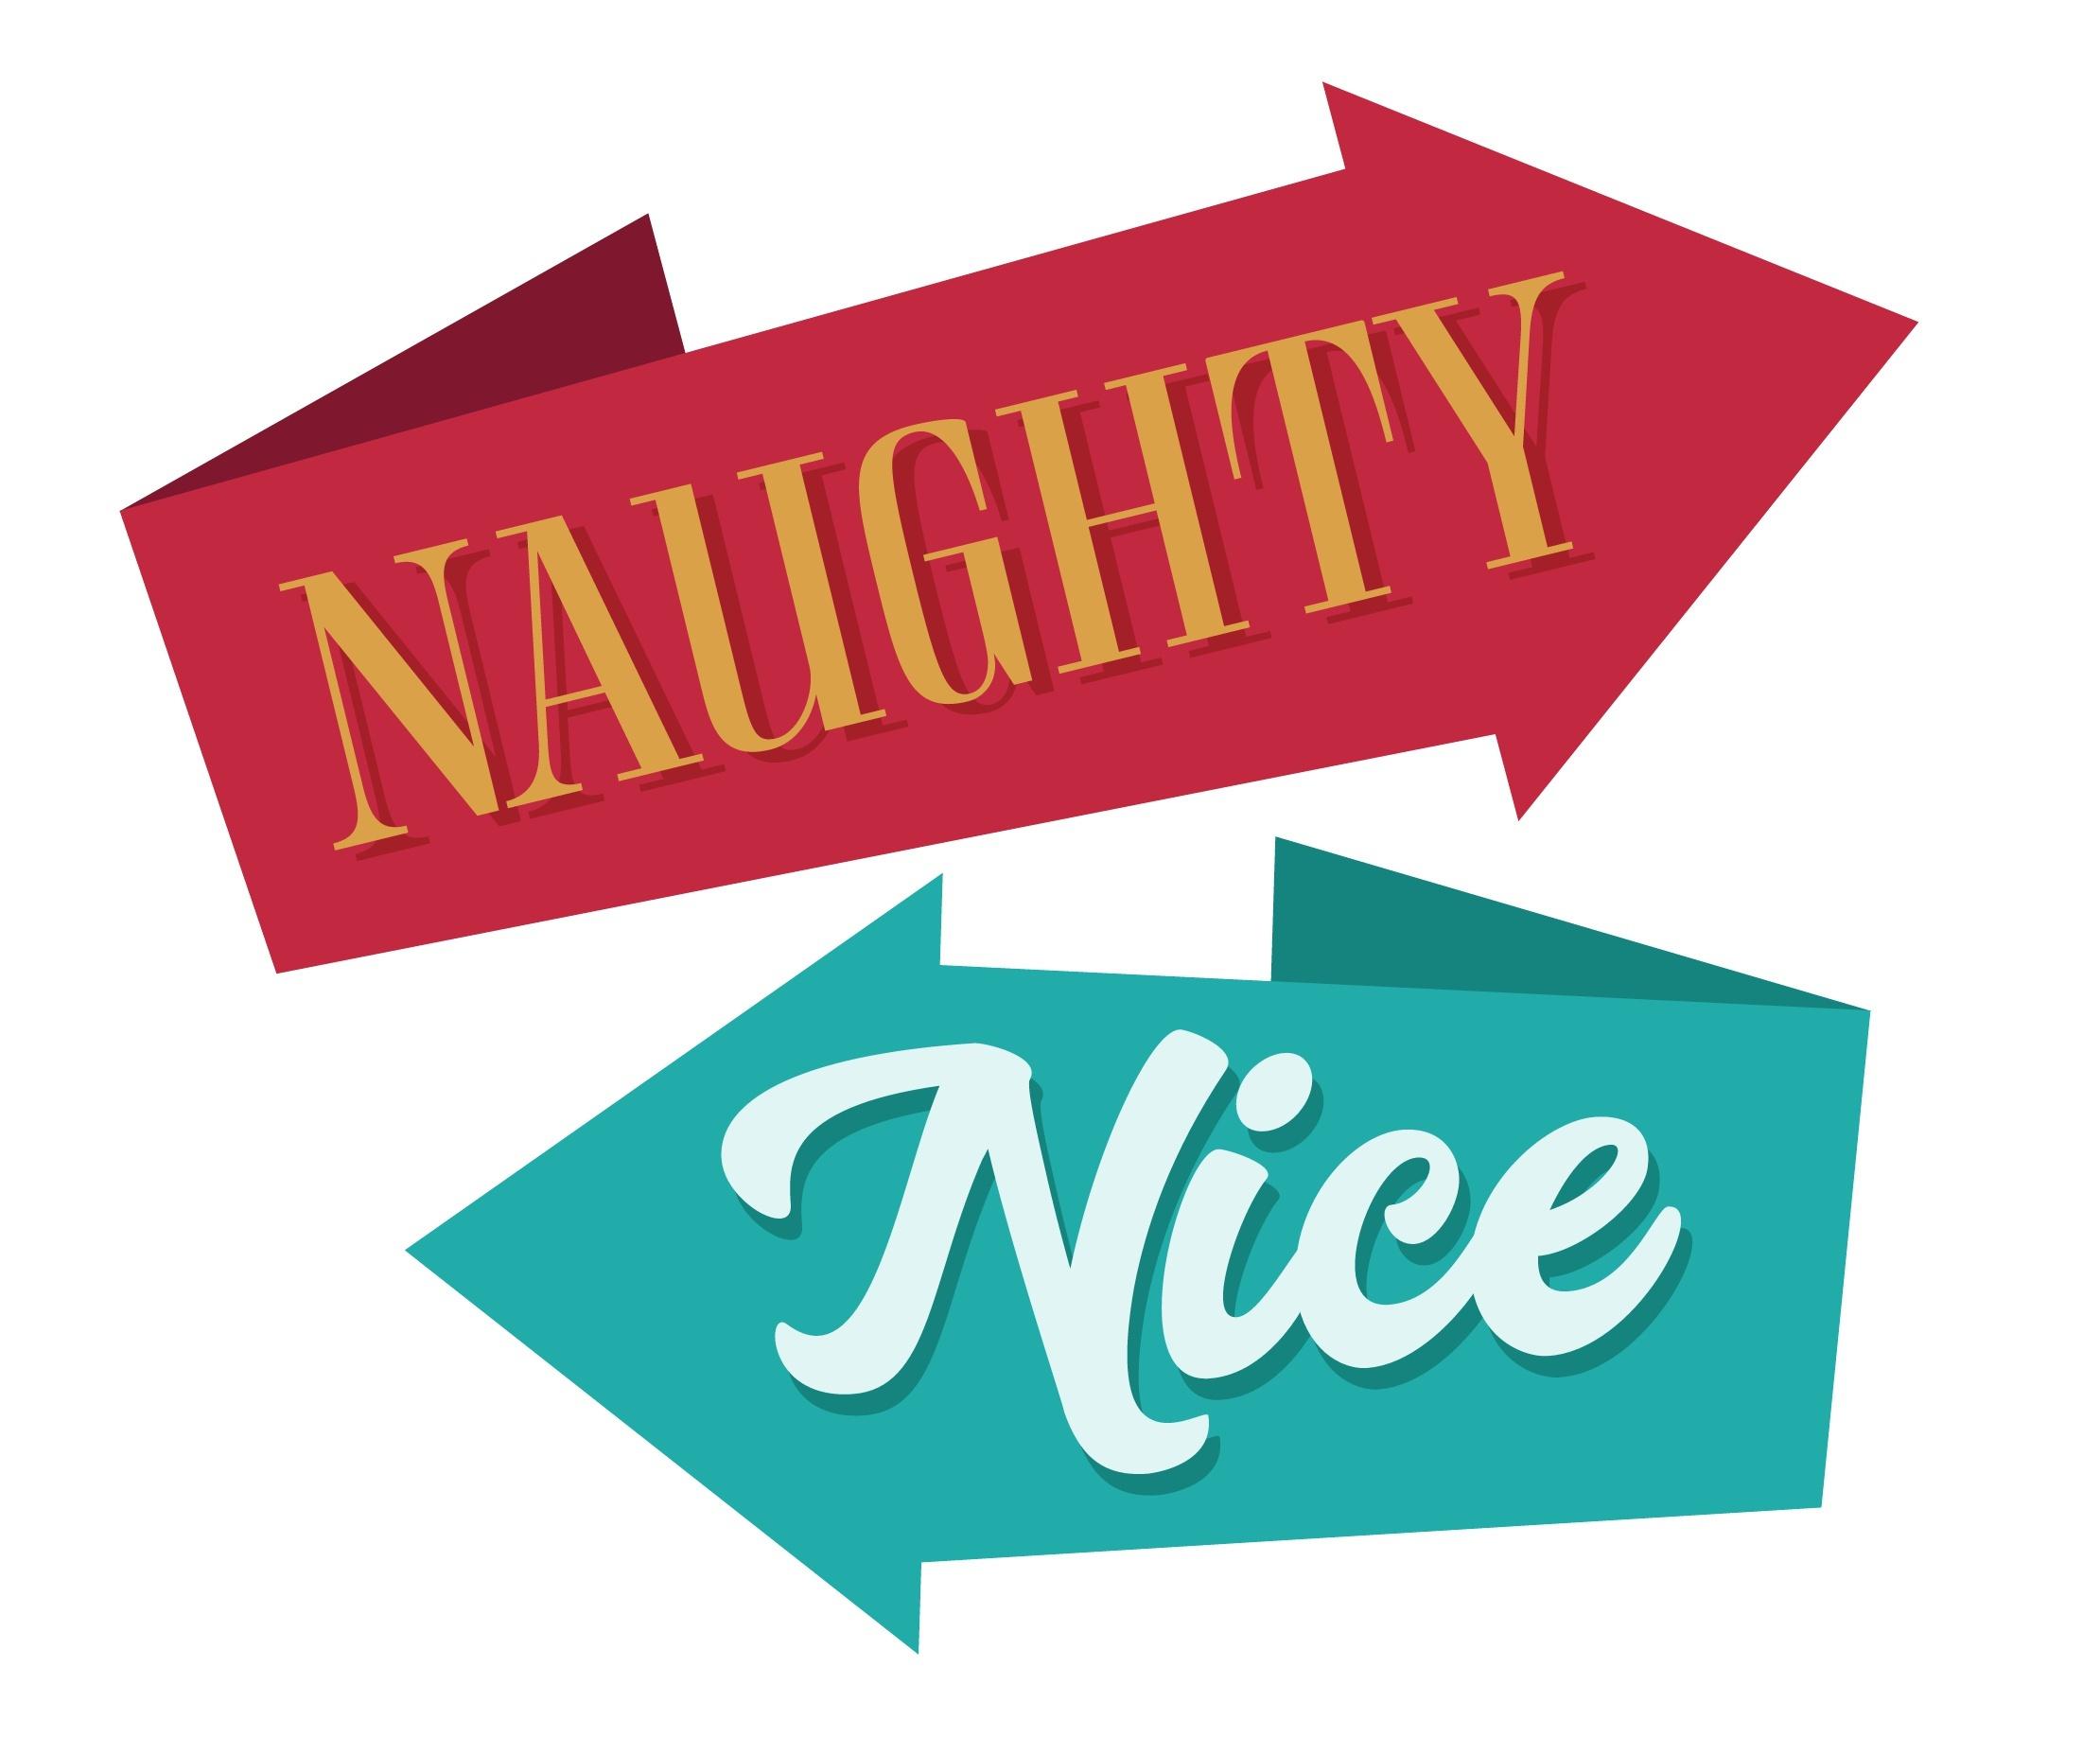 Free Printable Christmas Photo Booth Props | Catch My Party - Free Printable Christmas Party Signs